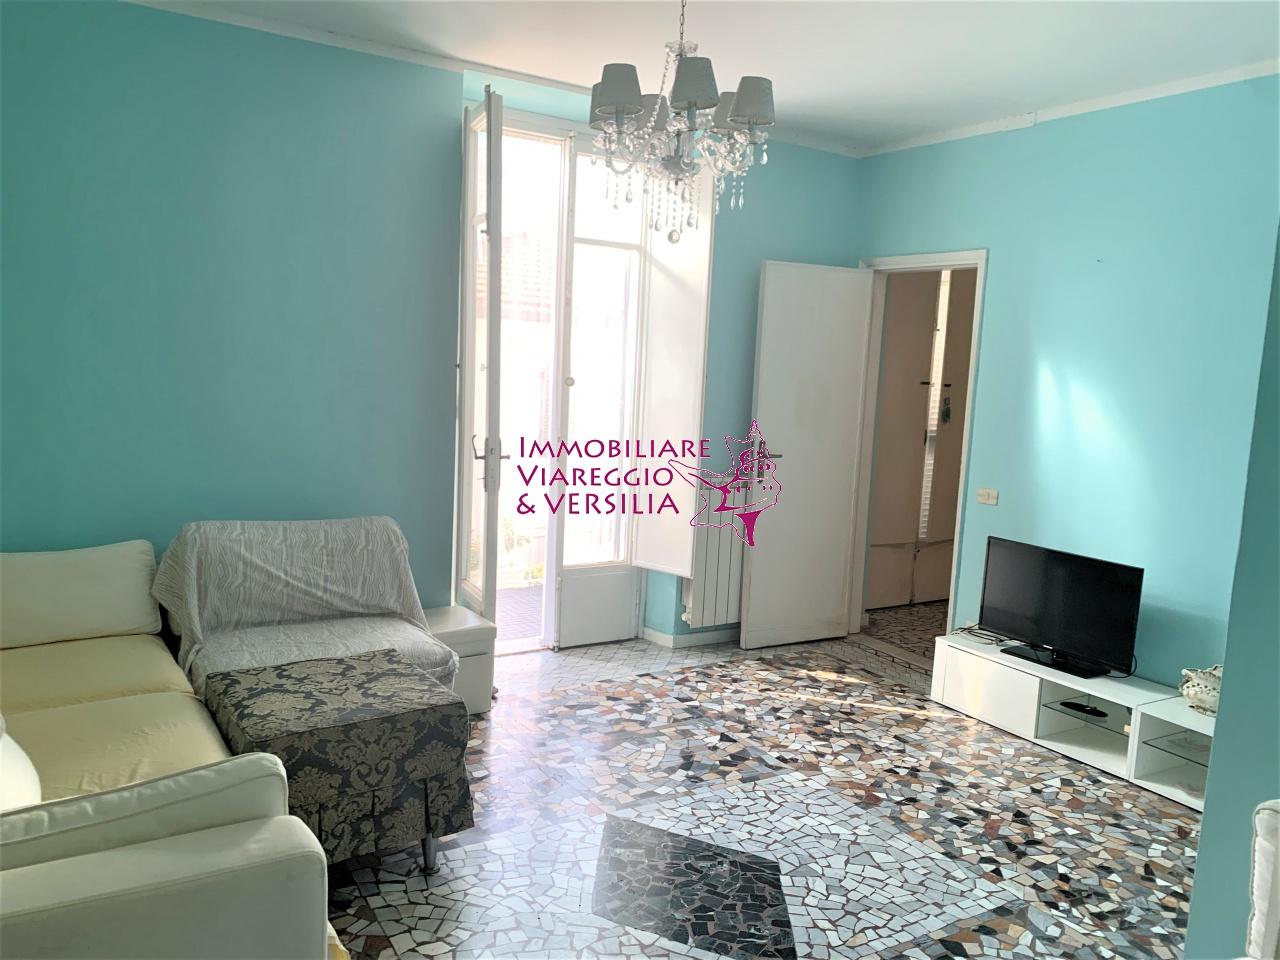 Soluzione Indipendente in affitto a Viareggio, 5 locali, prezzo € 600 | CambioCasa.it